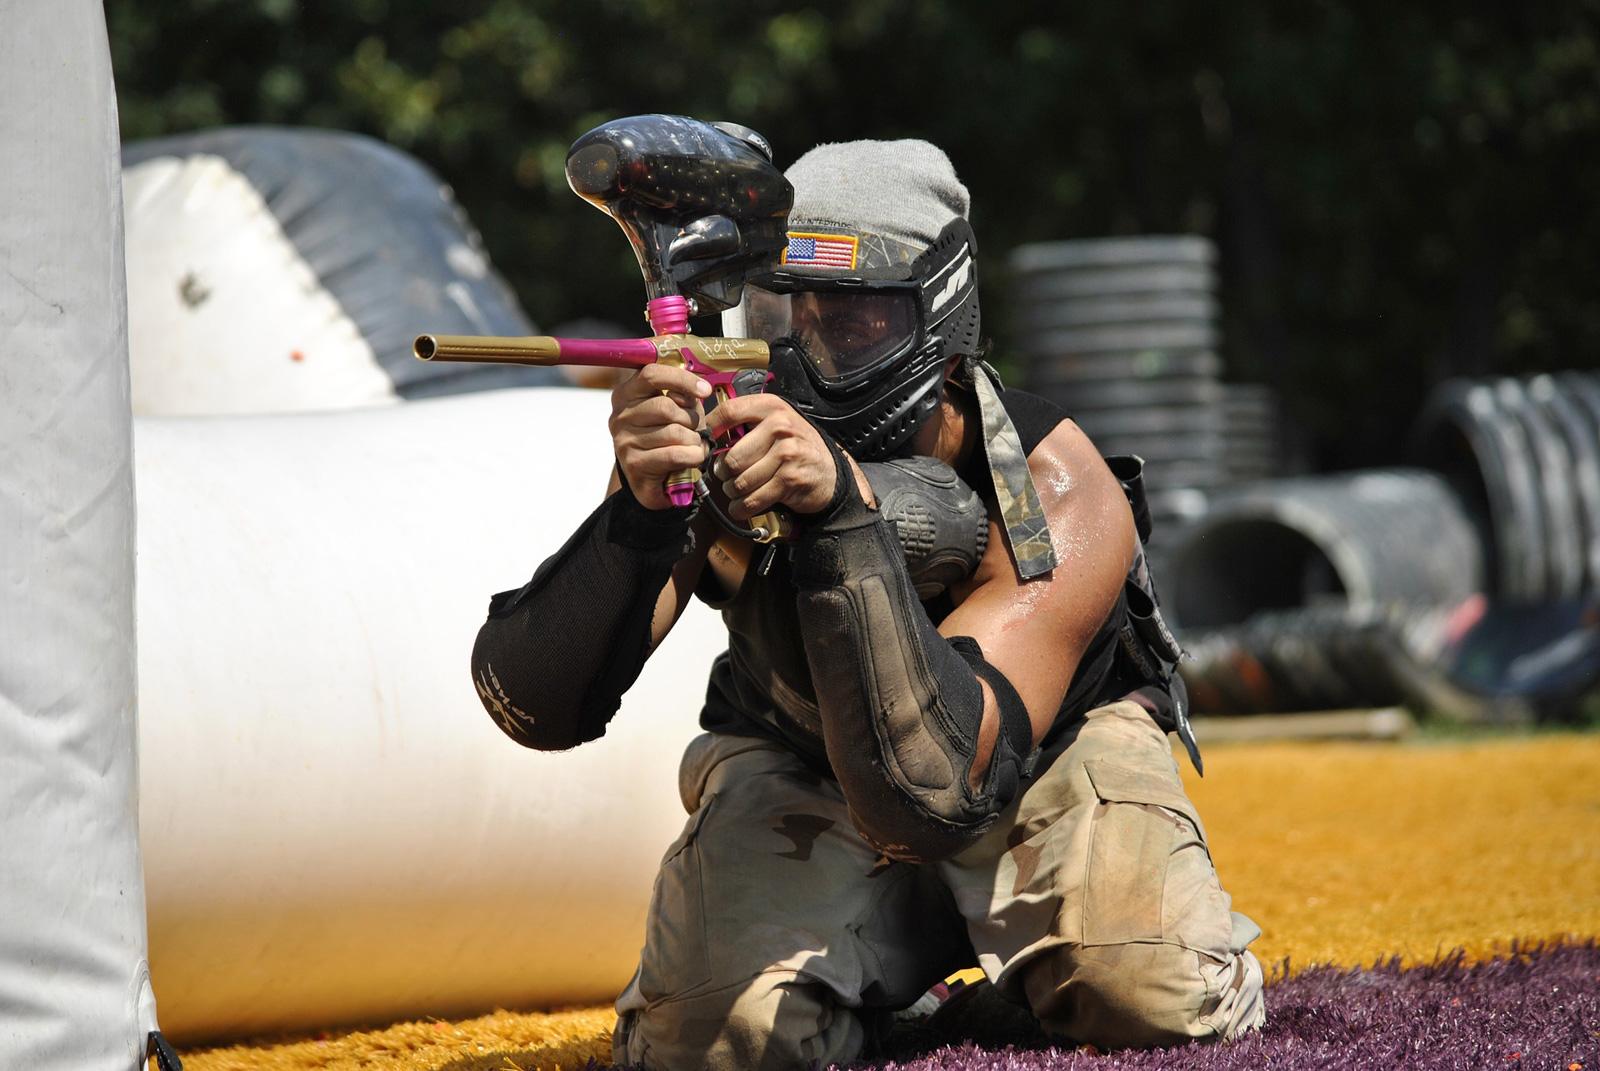 Veckring : 1 000 férus de paintball s'affrontent